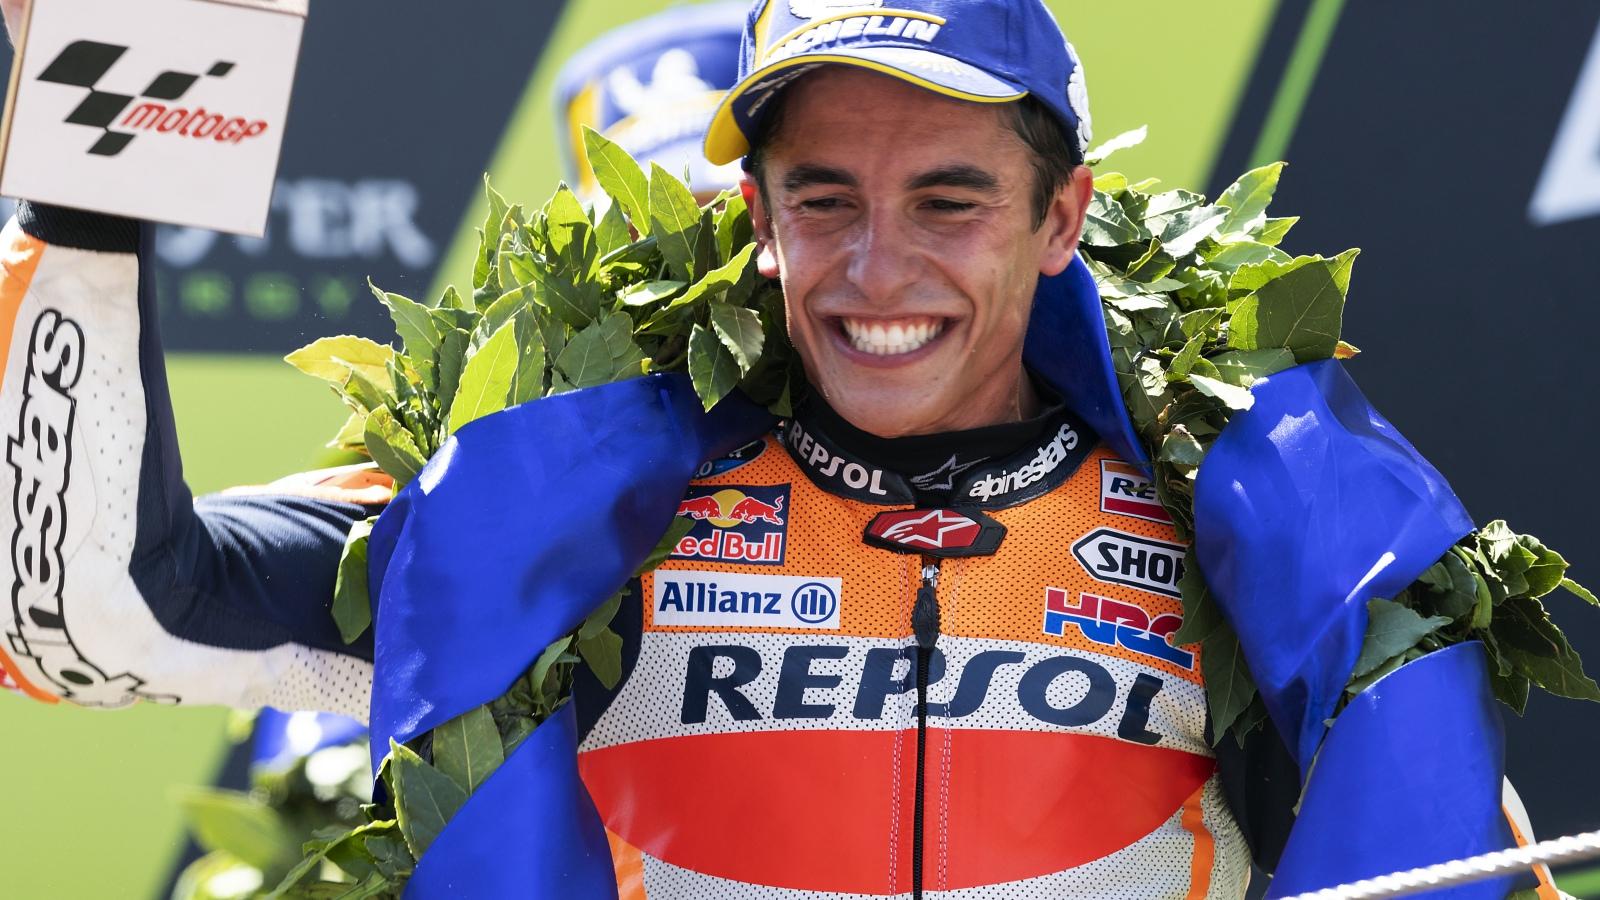 Marc Márquez ya es hexacampeón de MotoGP y se pone tercero de todos los tiempos